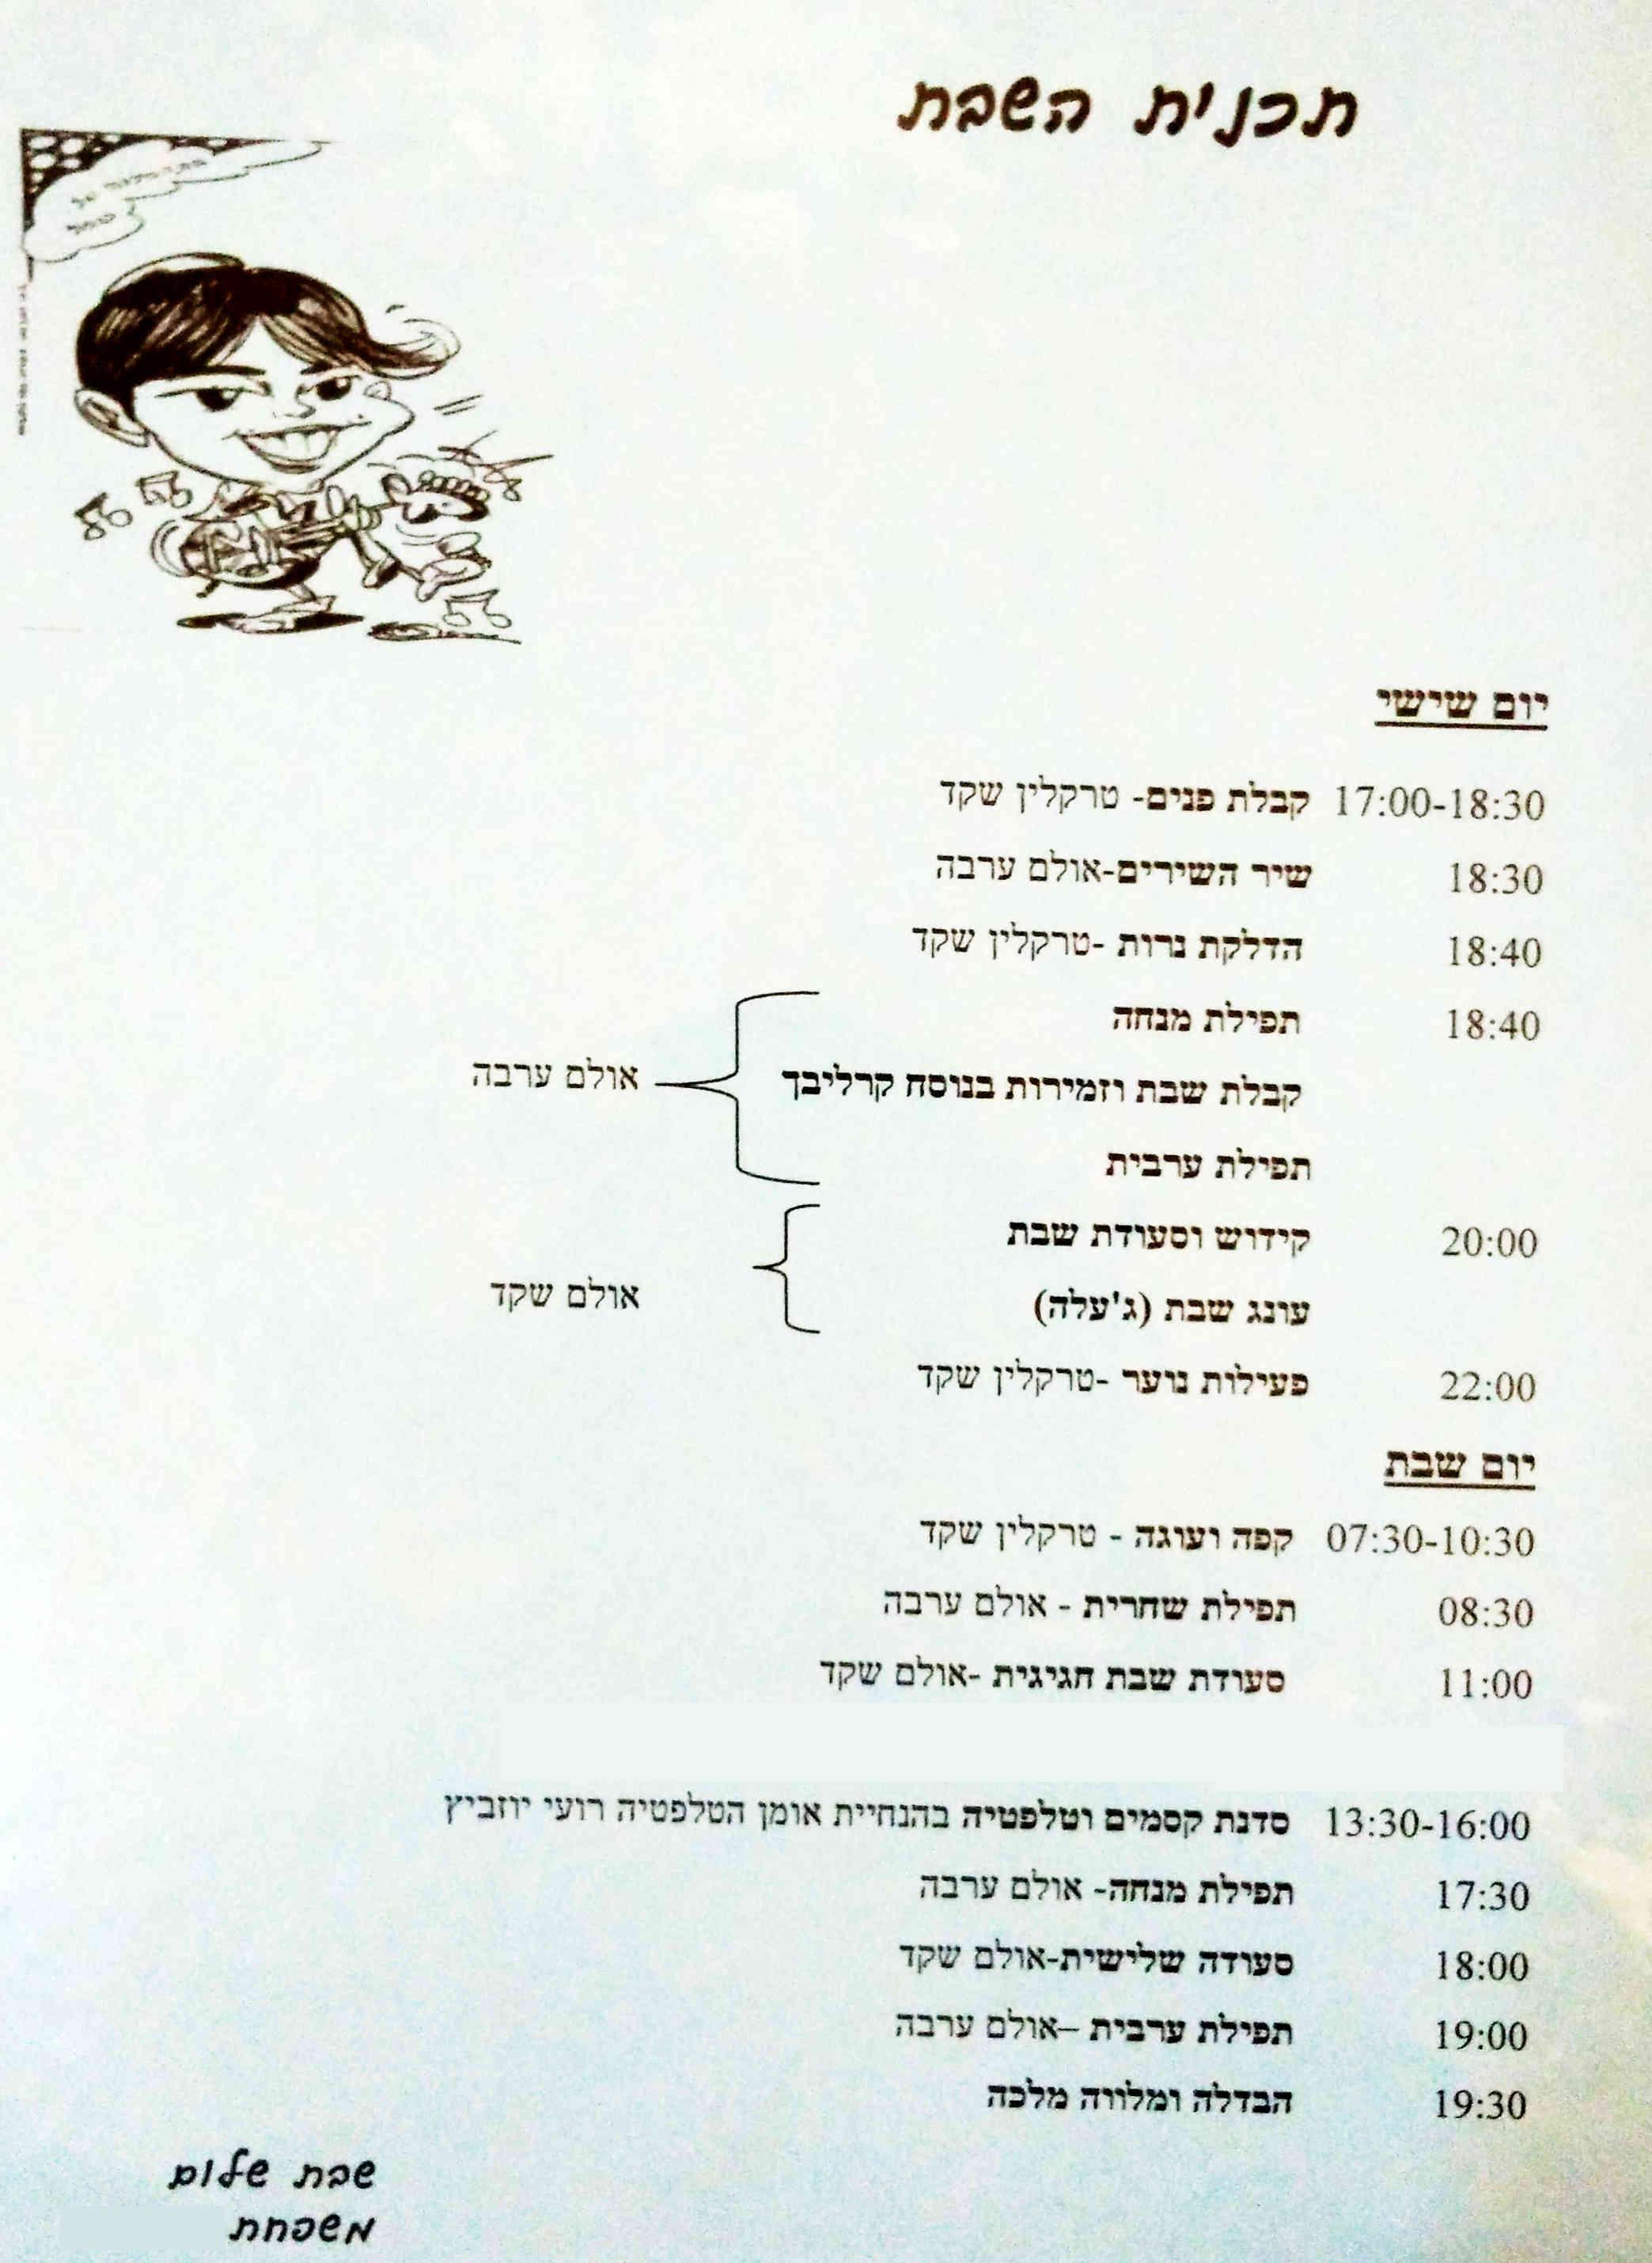 ארגון שבת חתן בר מצווה לוח זמנים 2.jpg